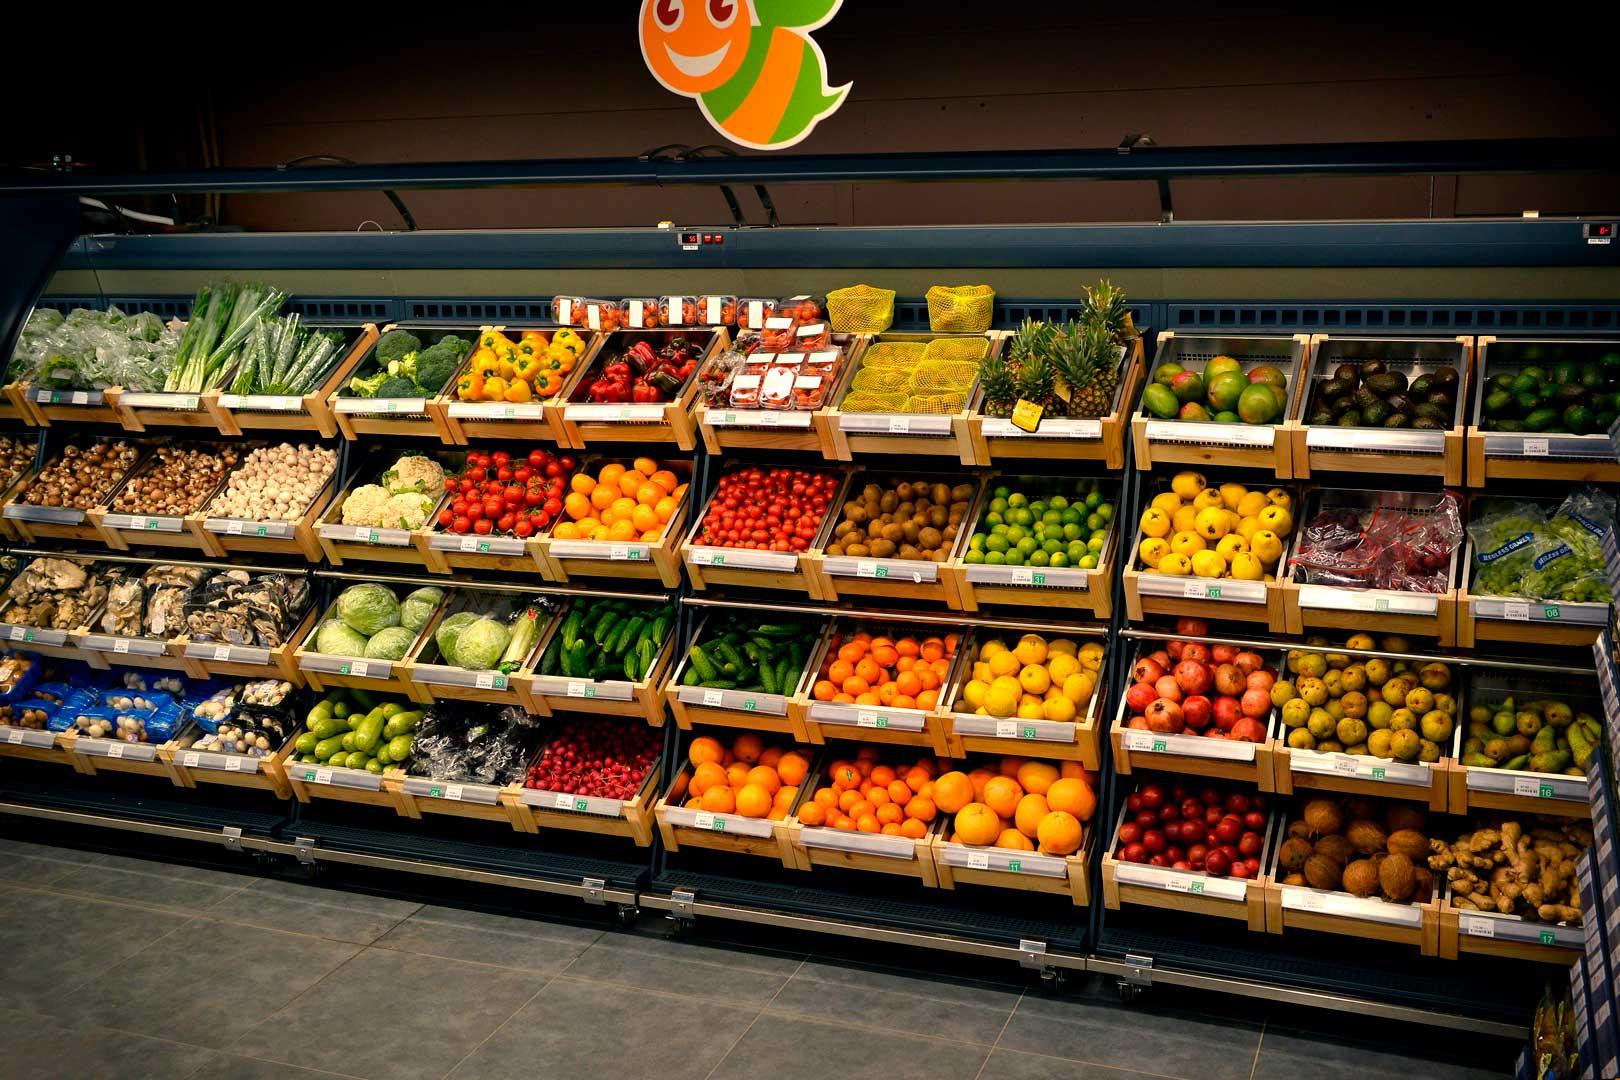 """Специализированные витрины для продажи овощей и фруктов Louisiana VF MV 110 VF O 180-DLM, супермаркет """"Пчелка-маркет"""""""